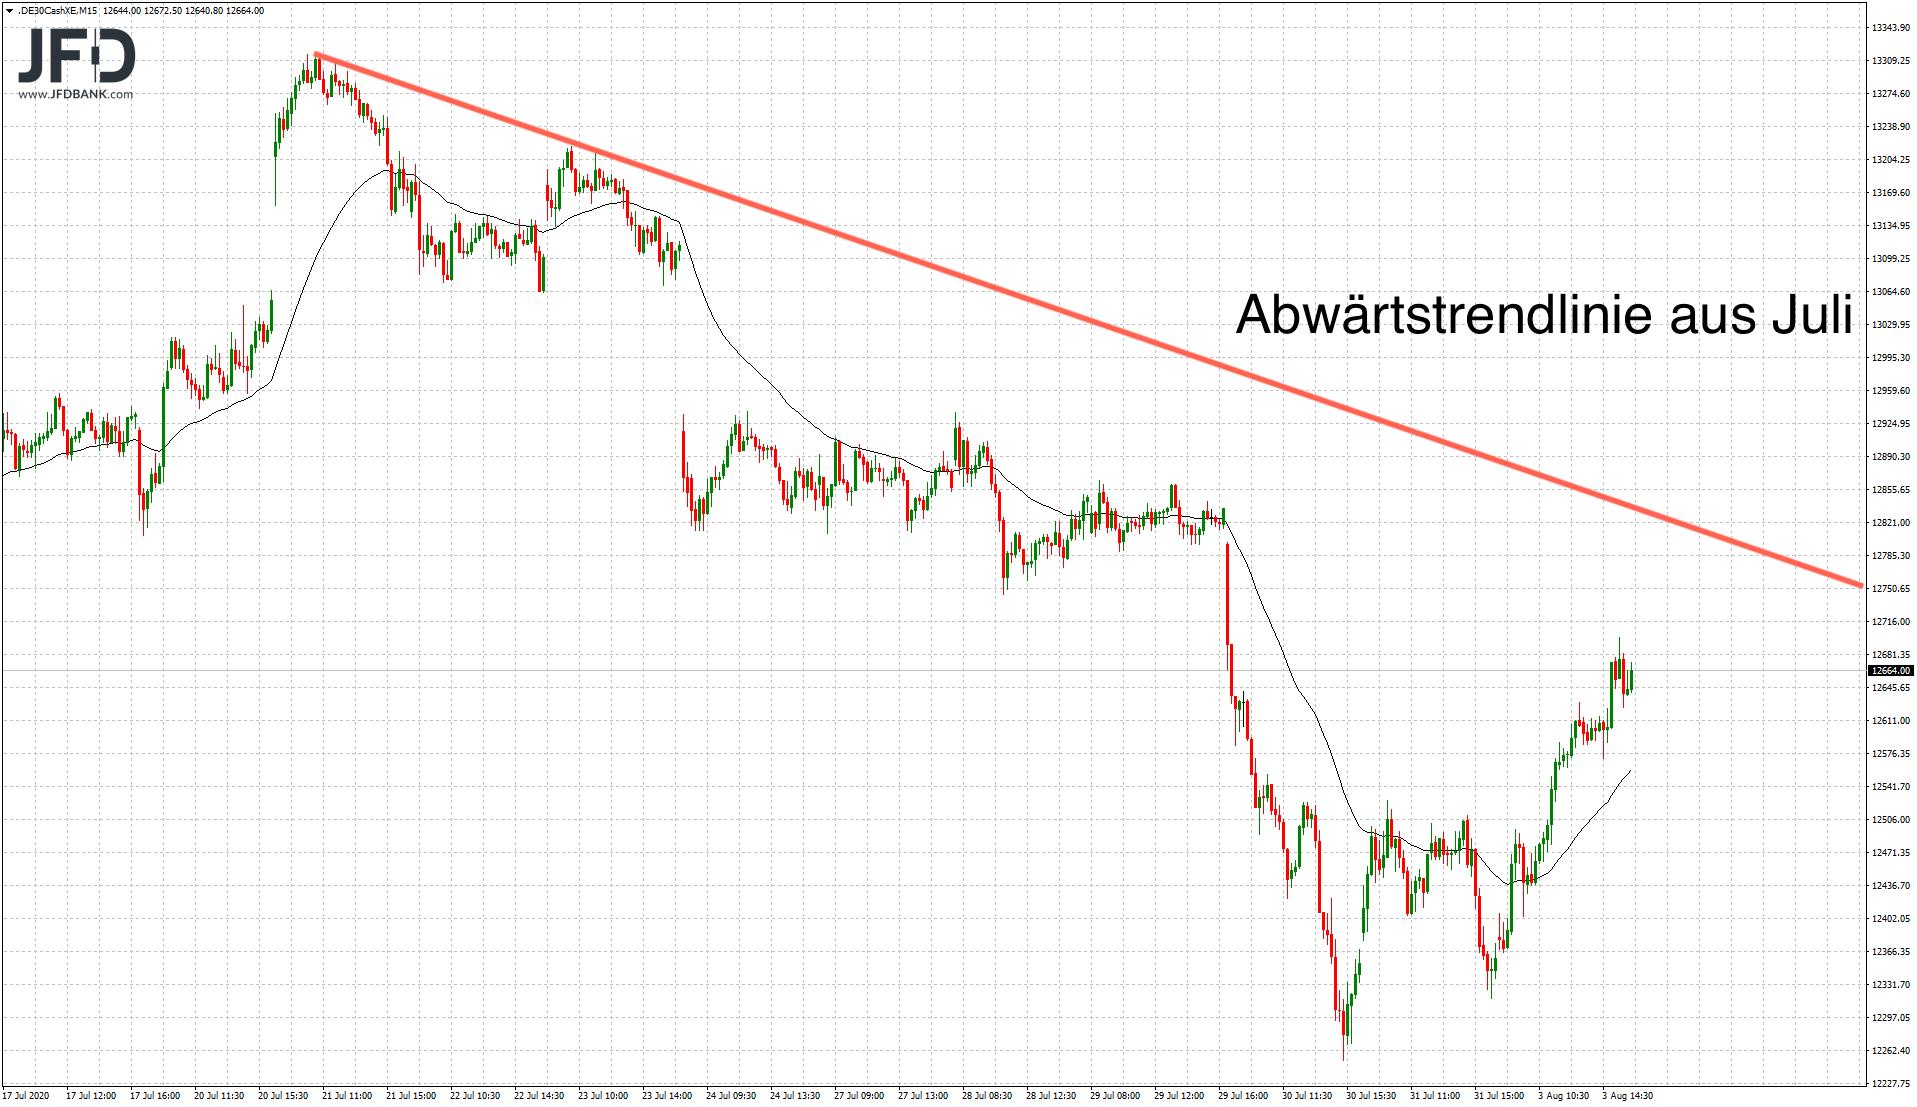 DAX-Trendlinie als Deckel